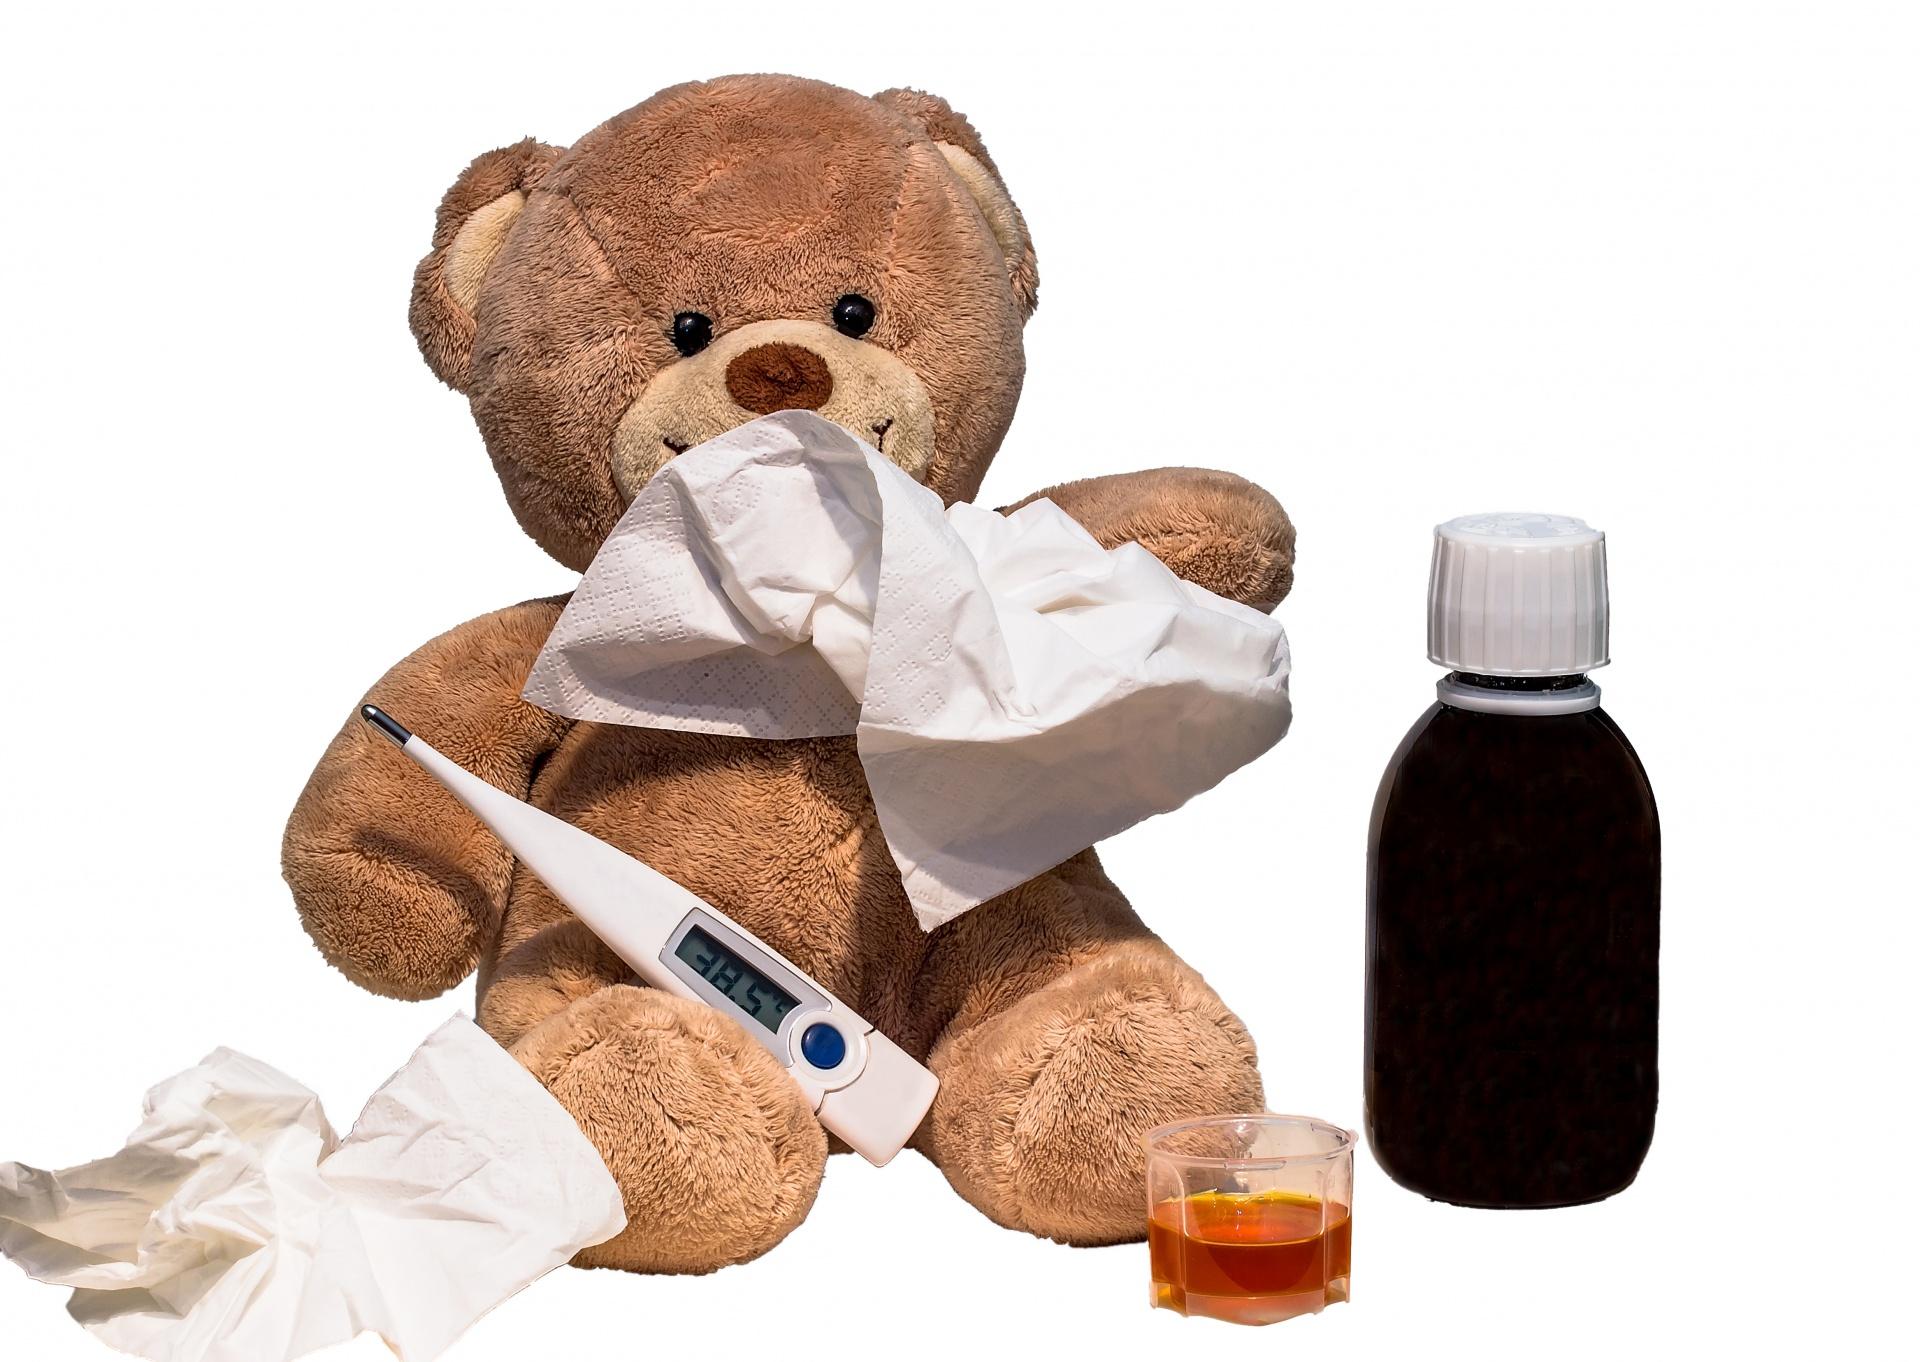 Răceală copil netratată corespunzător complicații